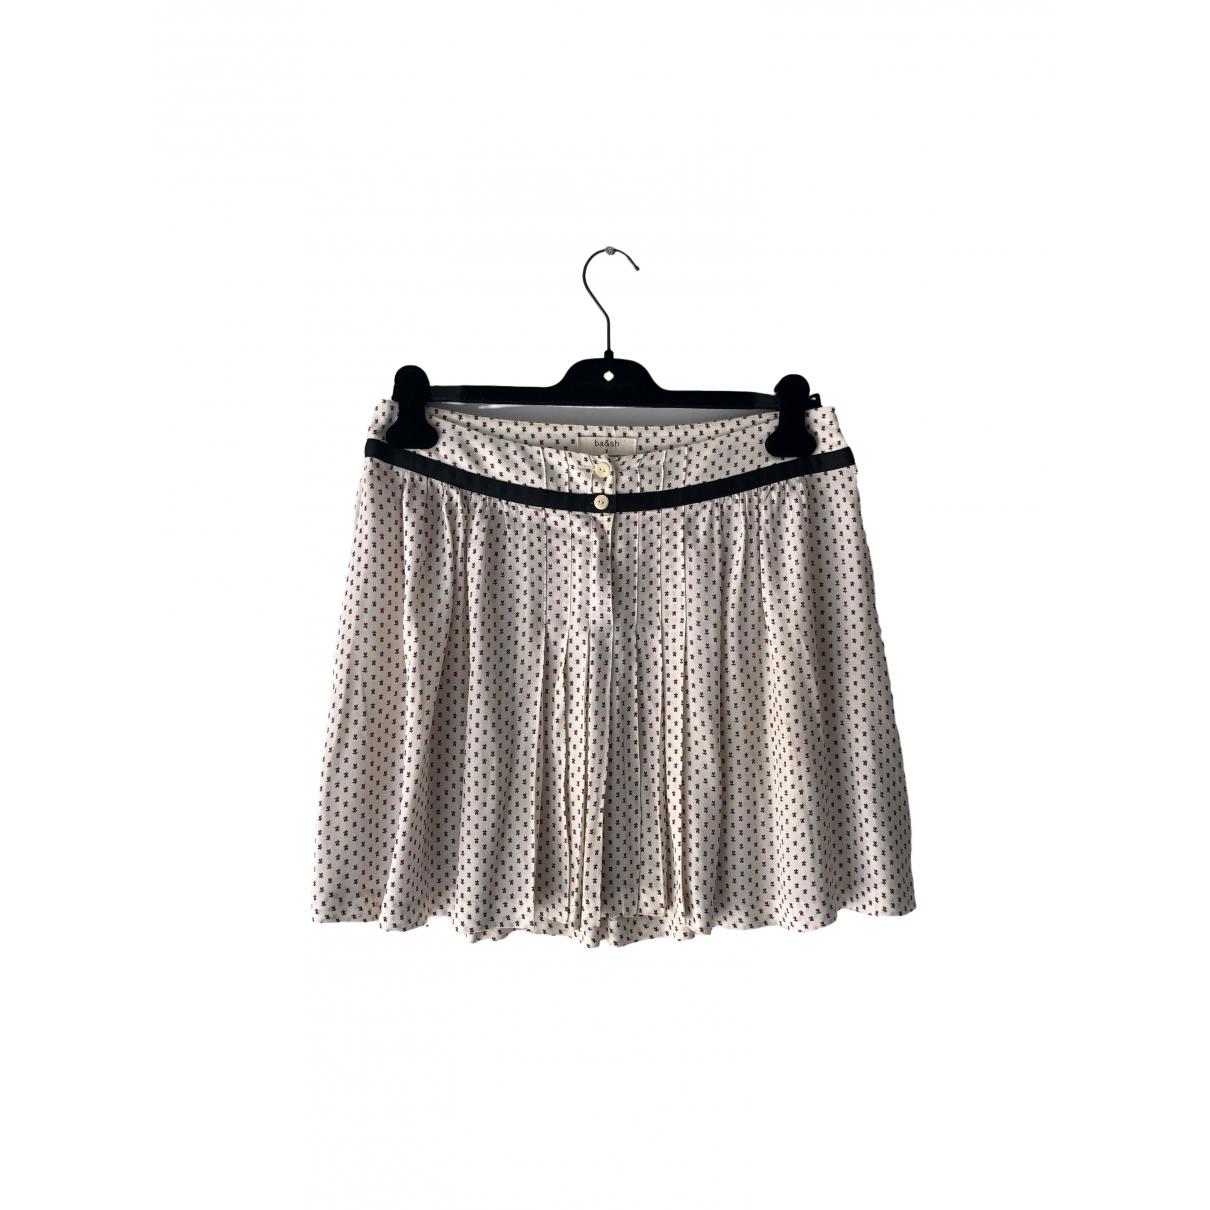 Ba&sh \N White skirt for Women 2 0-5